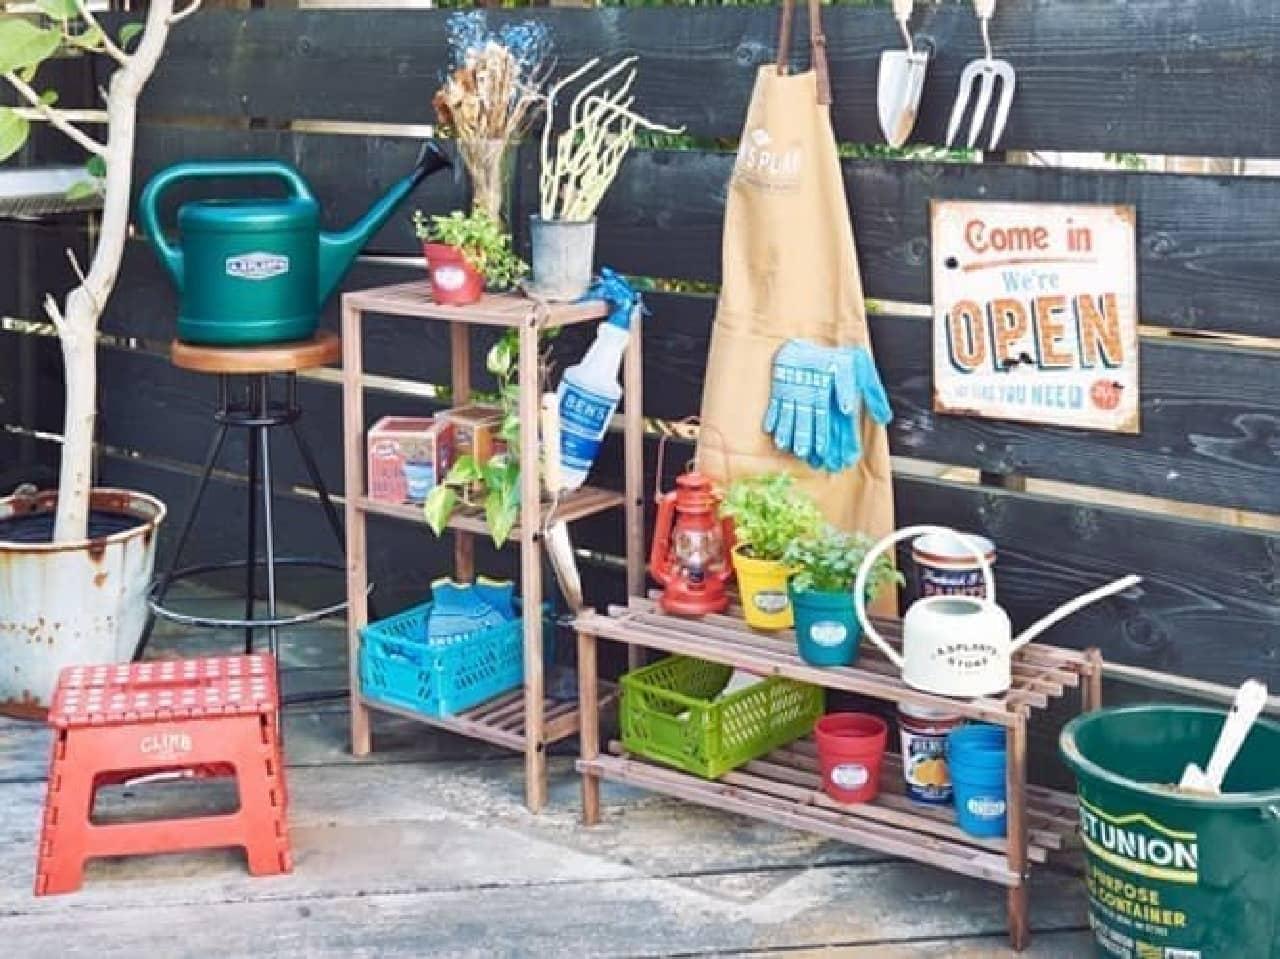 オーサムストアがガーデニンググッズ展開 -- 手軽な栽培キット・可愛いエプロンなど